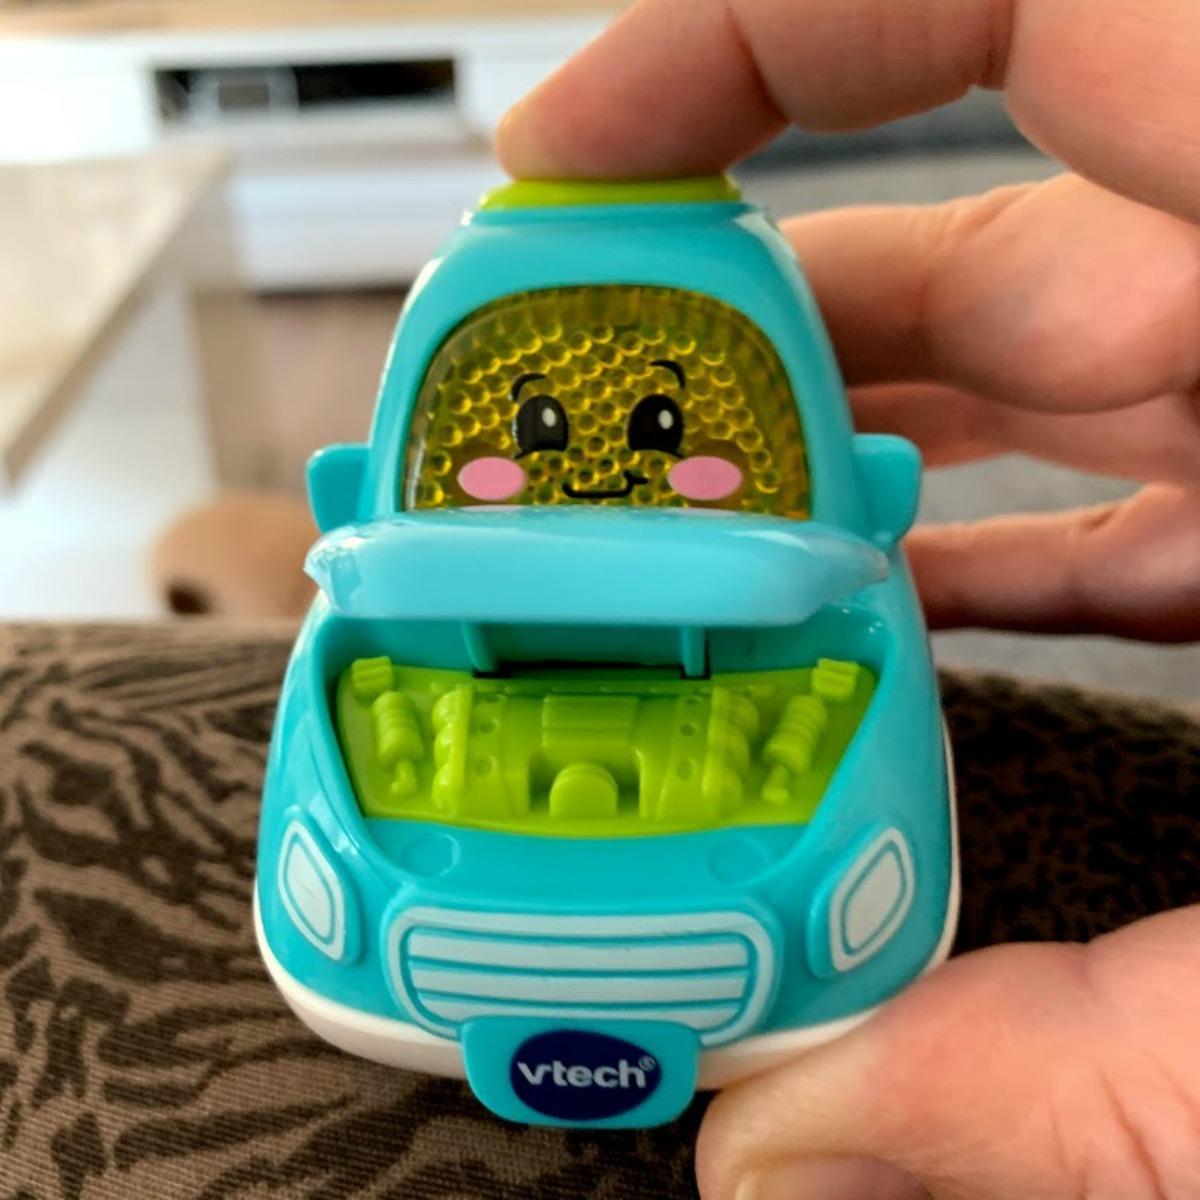 interactieve toet toet auto's - Zeven nieuwe collector's items voor Toet Toet Auto's